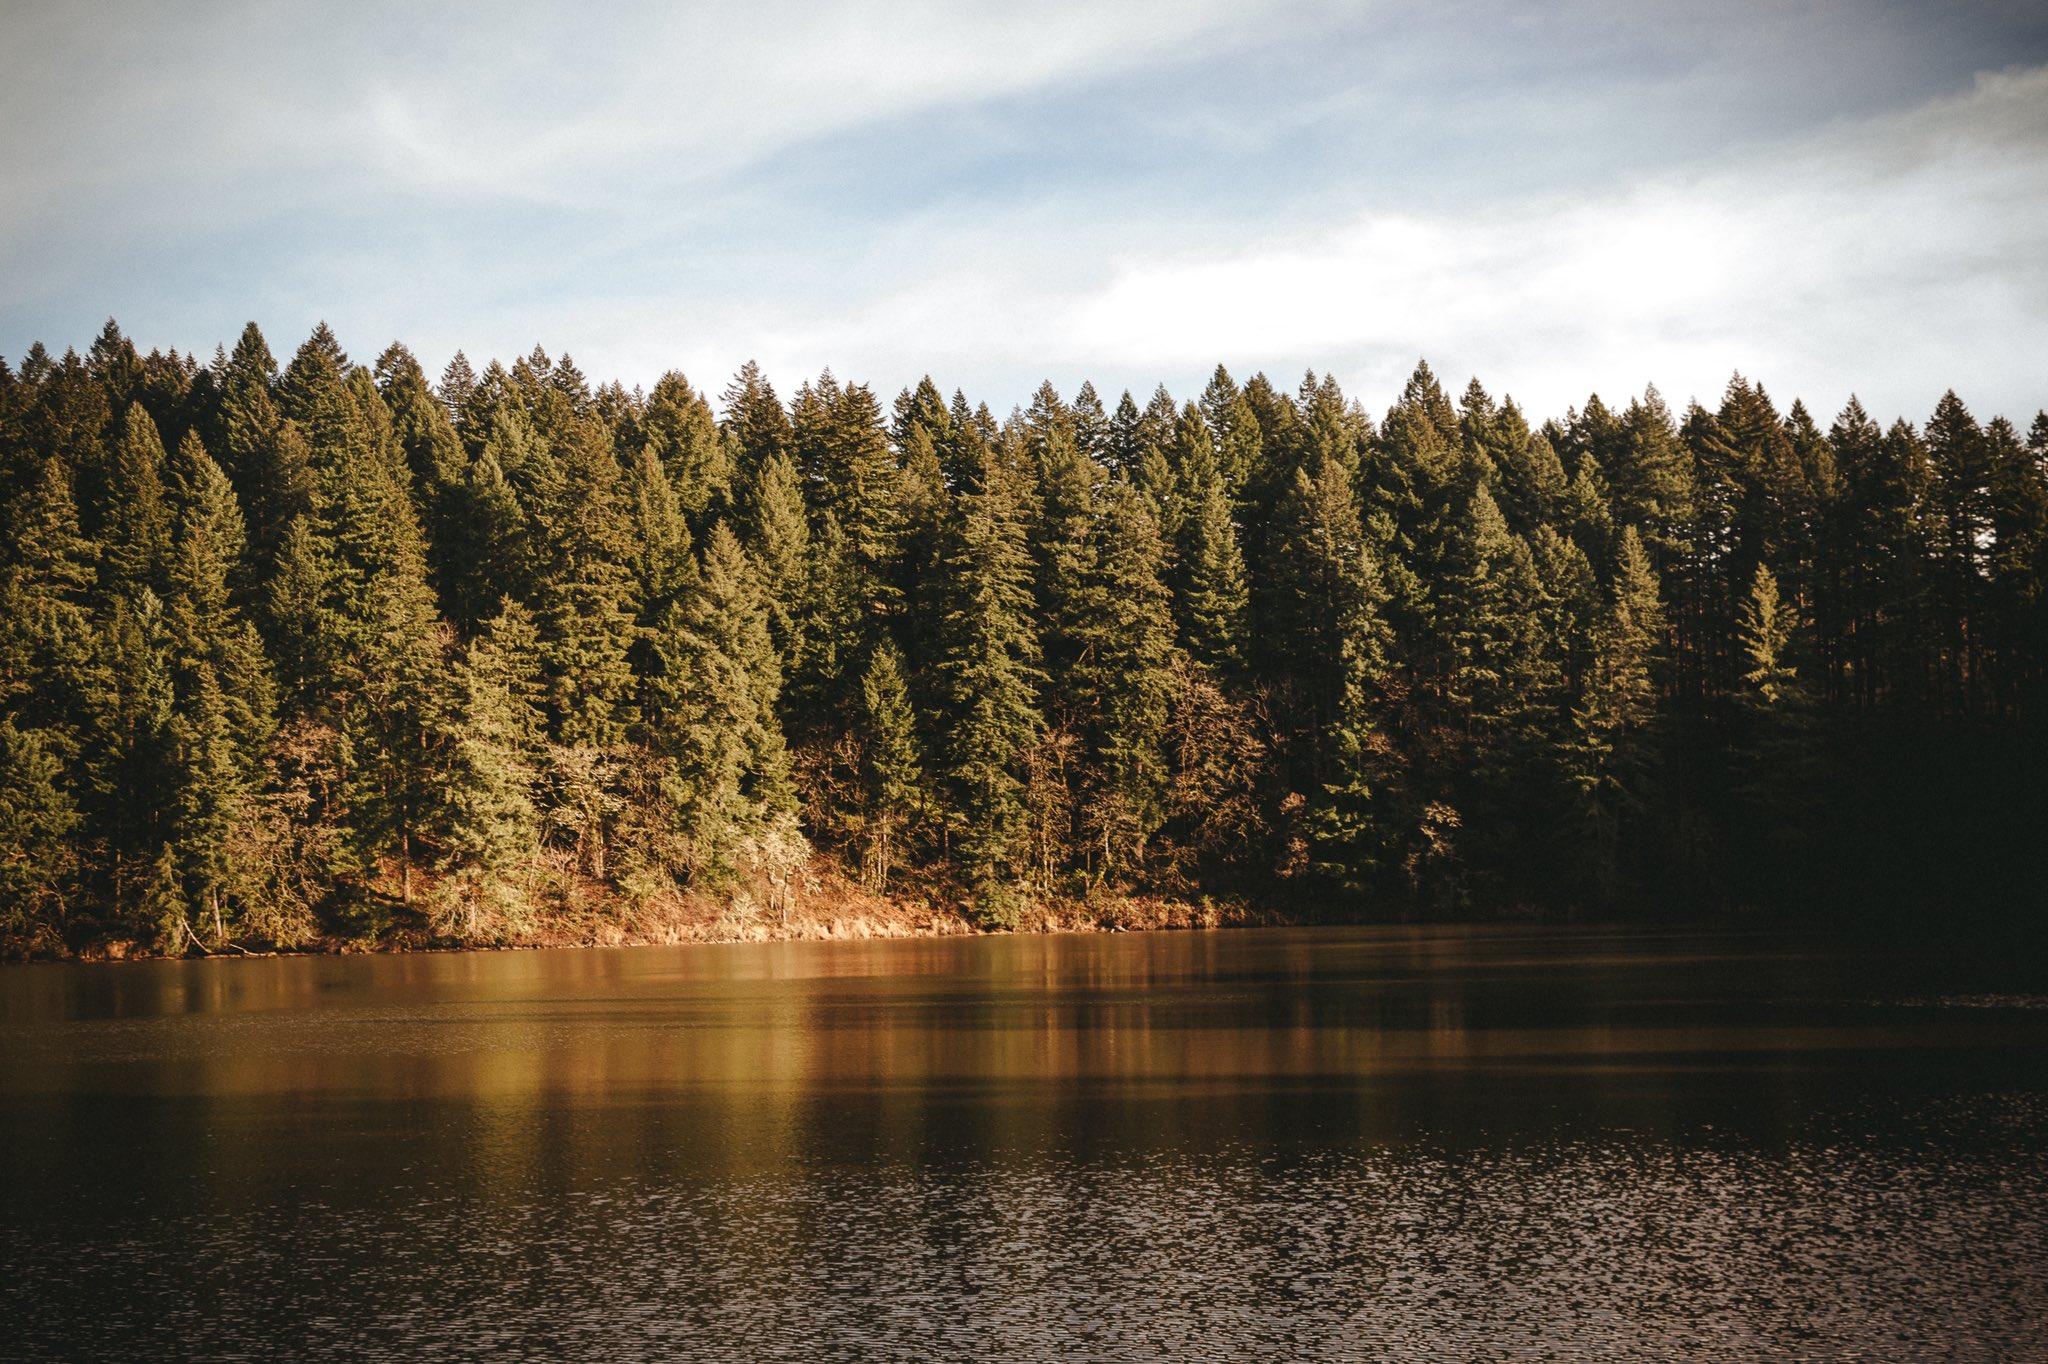 Wallpaper Pemandangan Alam Hutan Pohon Pinus Danau 2048x1364 Sisko1701 1987193 Hd Wallpapers Wallhere